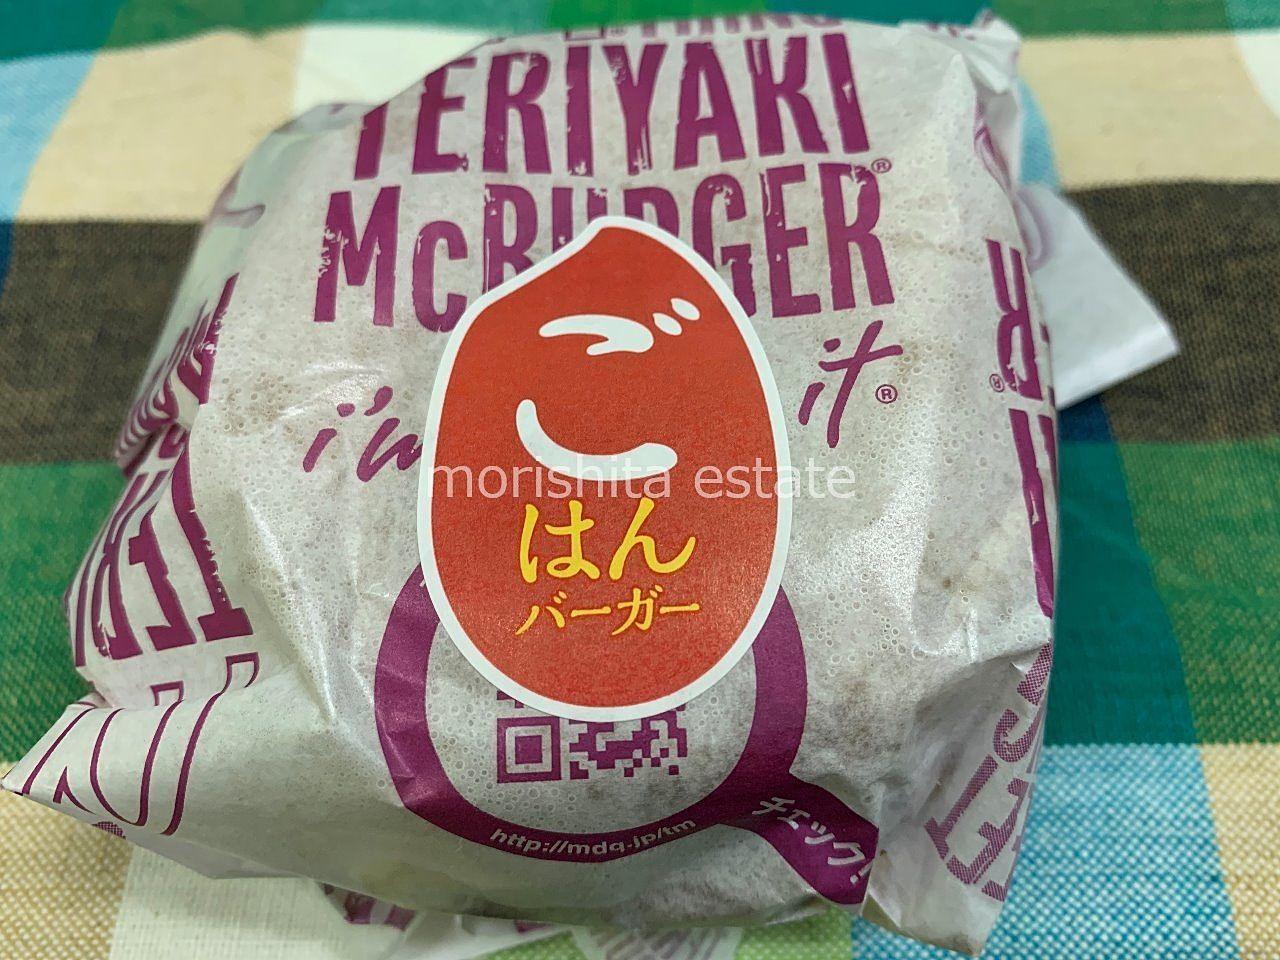 マクドナルド 期間限定 ごはんバーガー てりやき